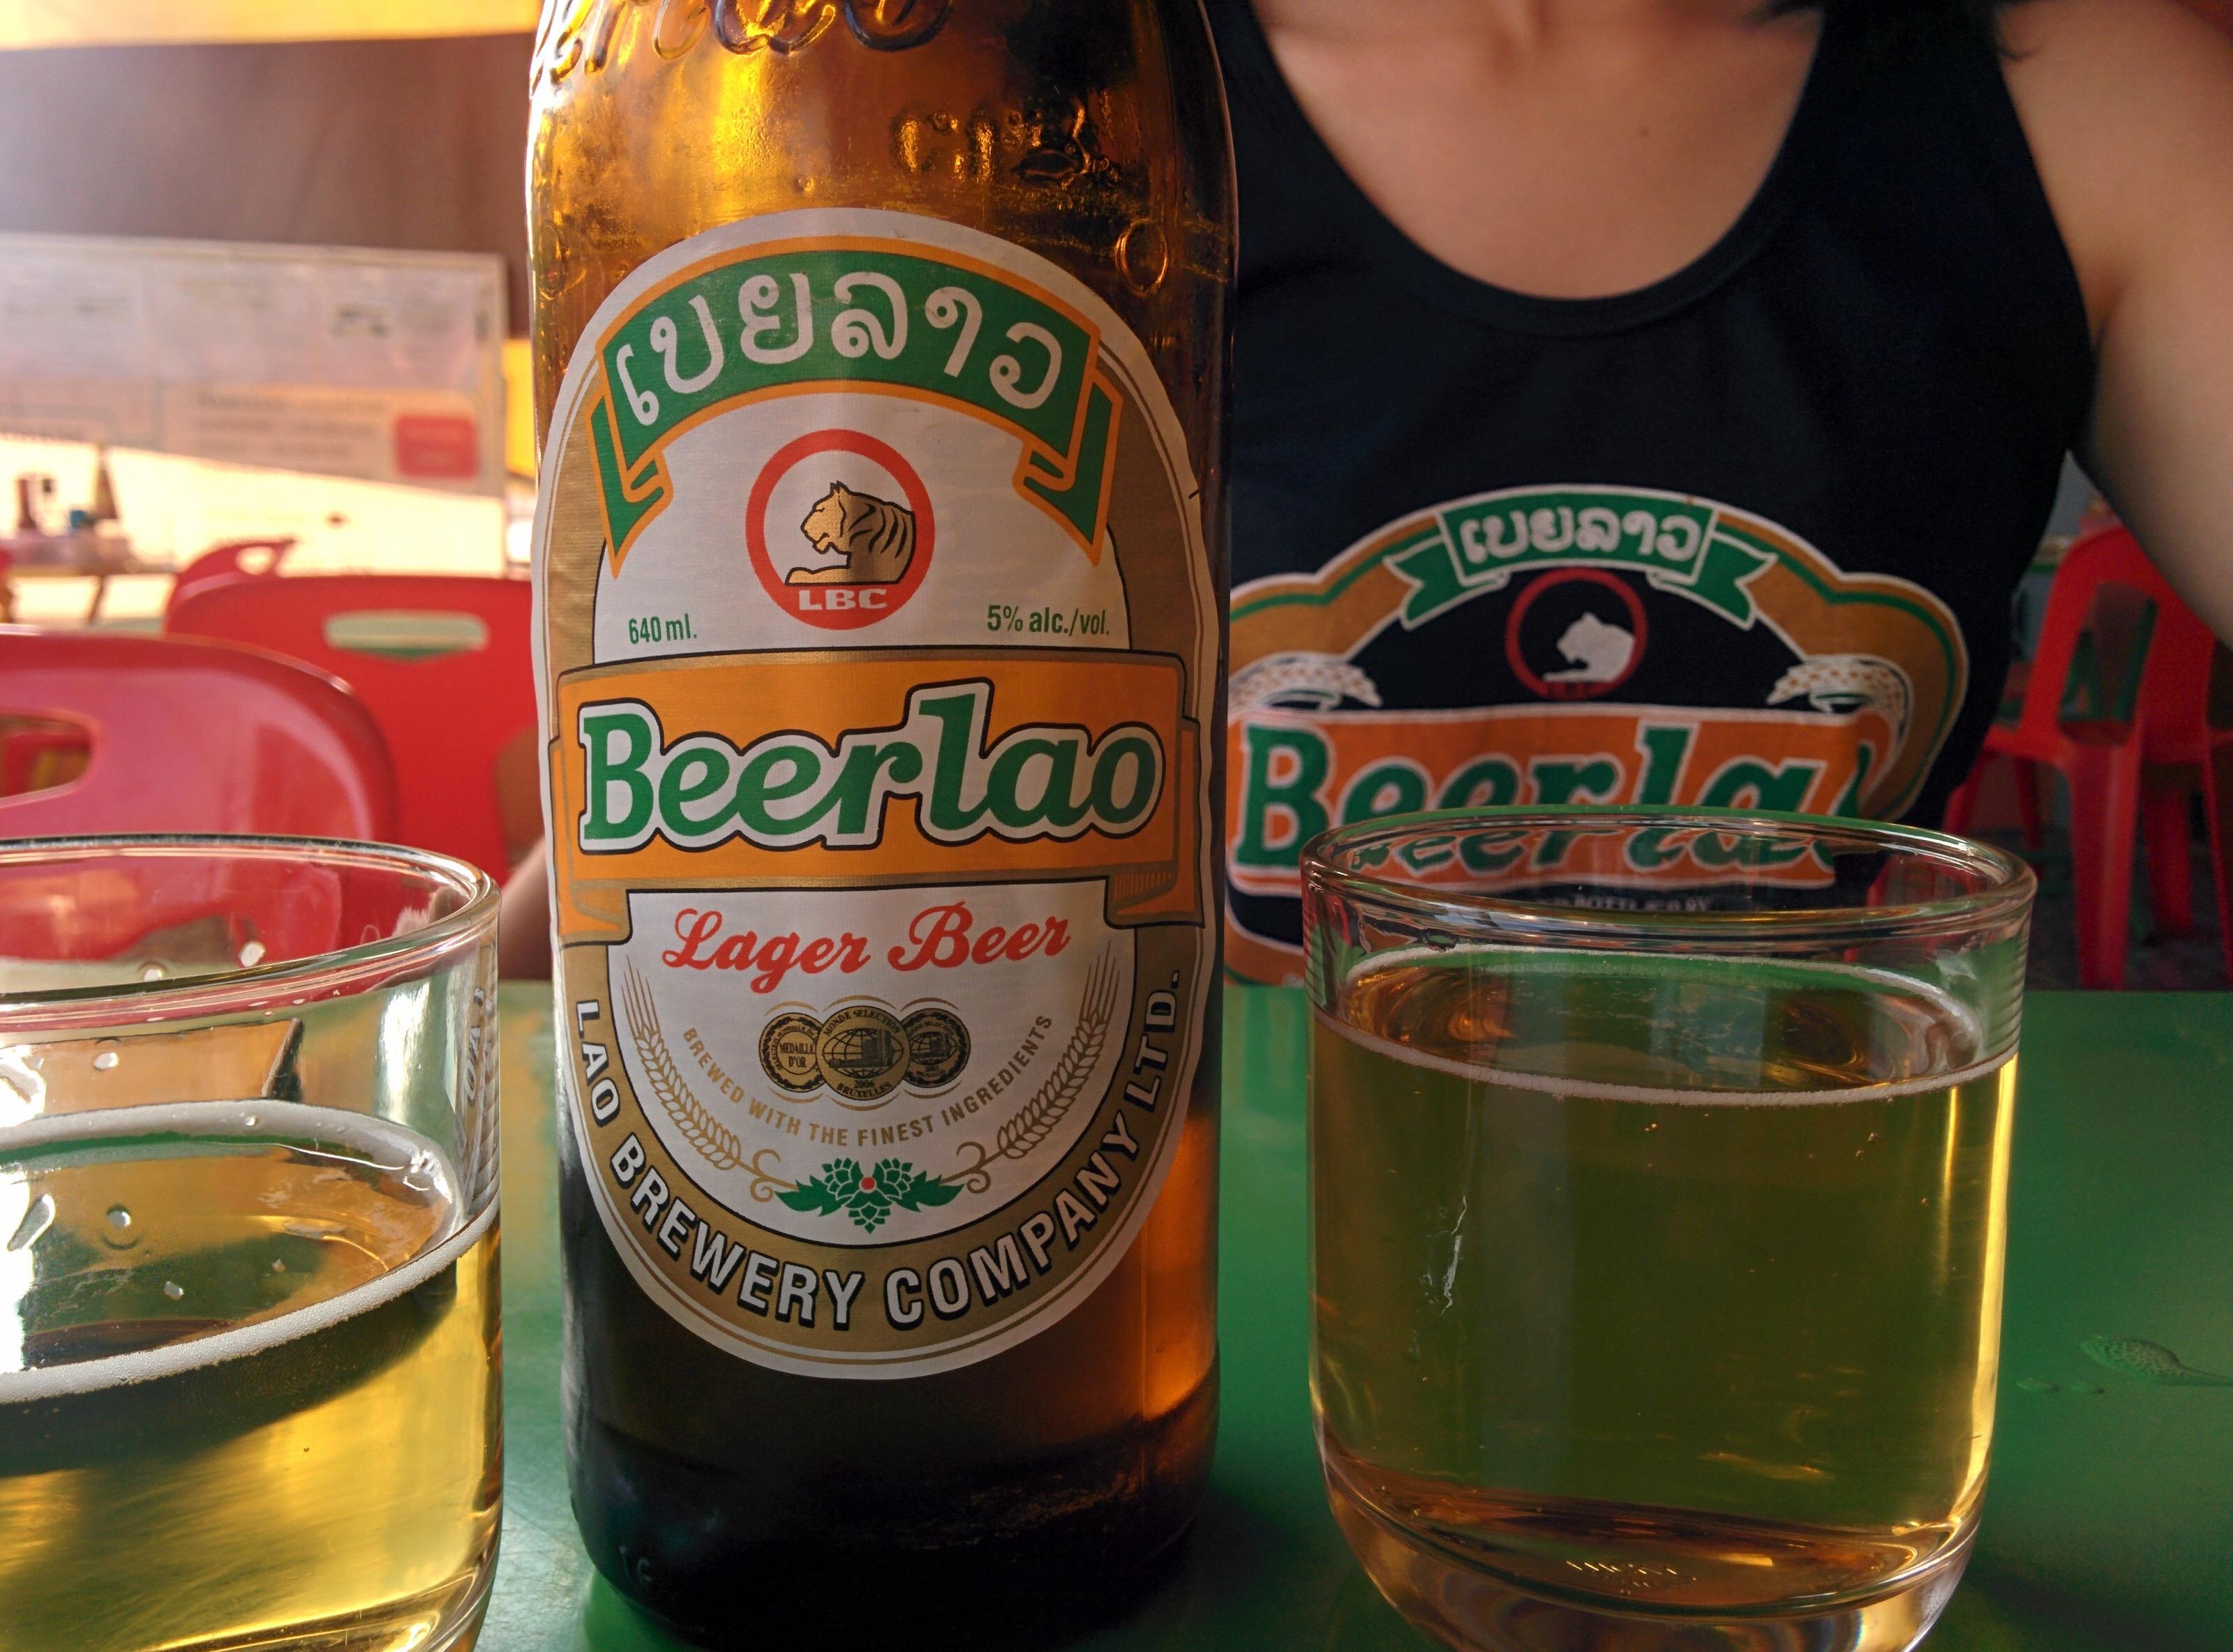 내가 사랑하는 여행, 그중의 으뜸이 바로 여행지에서 마시는 맥주이니라. ©김혜지